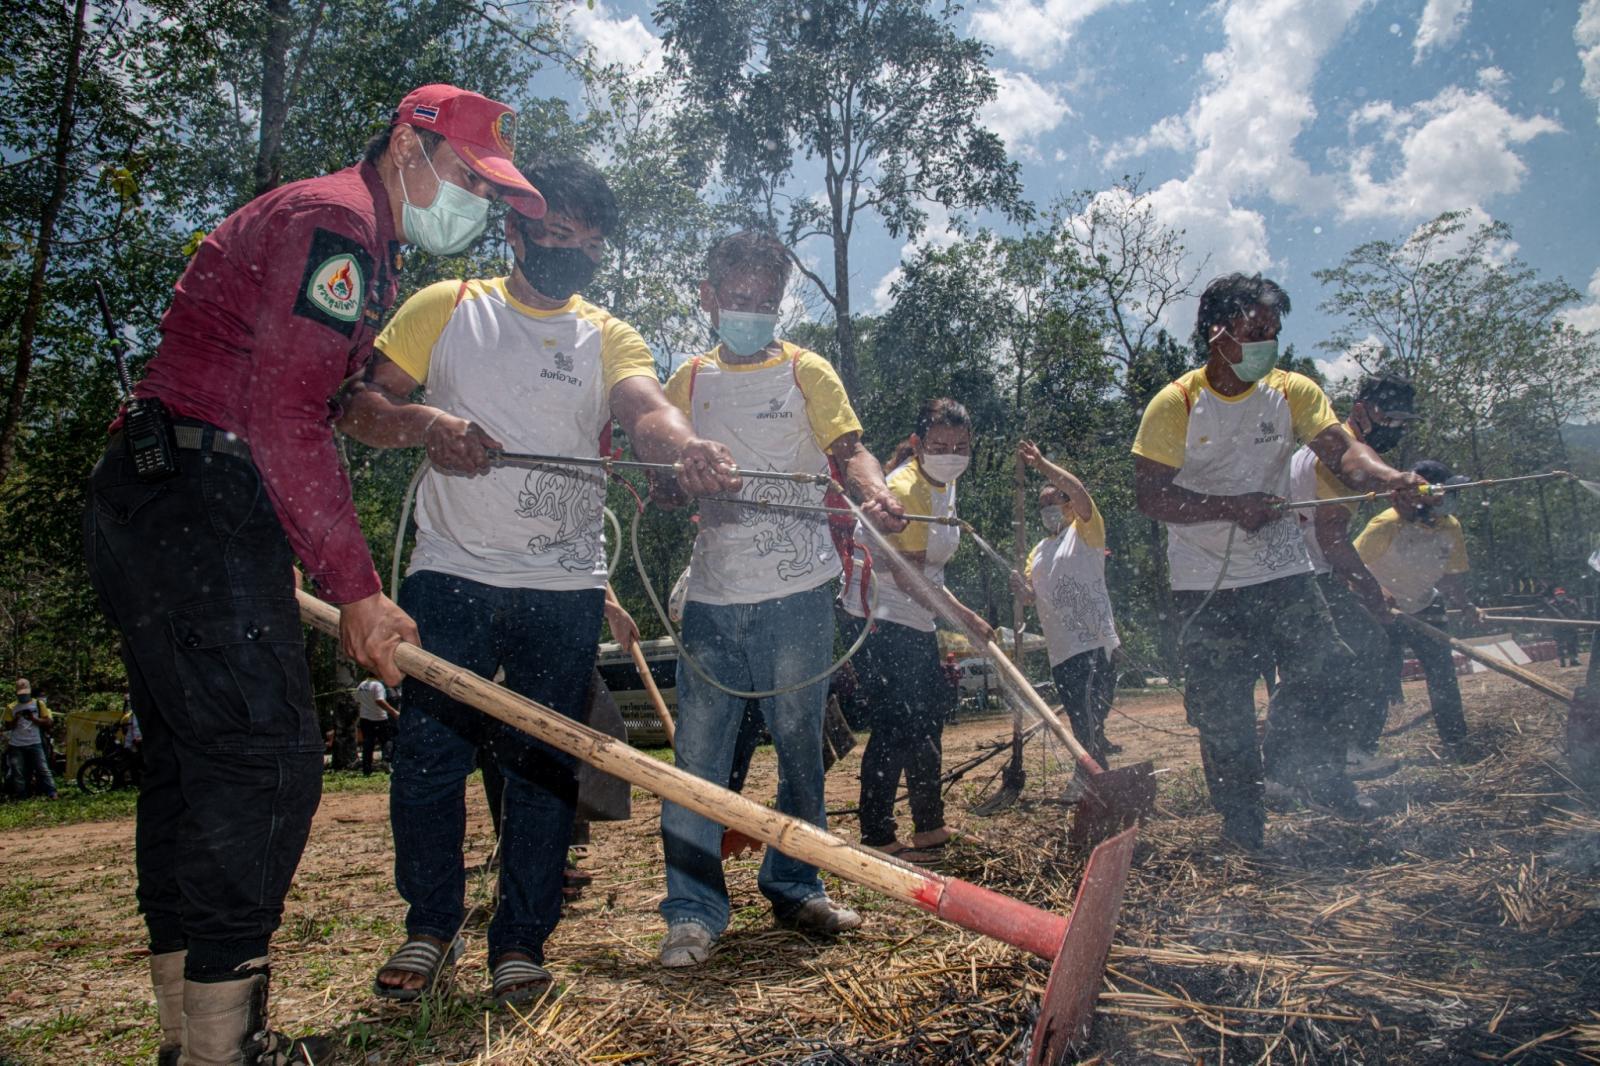 """""""บุญรอด"""" เริ่มแล้ว โครงการแรก """"สิงห์อาสา"""" สู้ไฟป่า เร่งจ้างงานช่วยคนไทยฝ่าวิกฤตเศรษฐกิจ"""